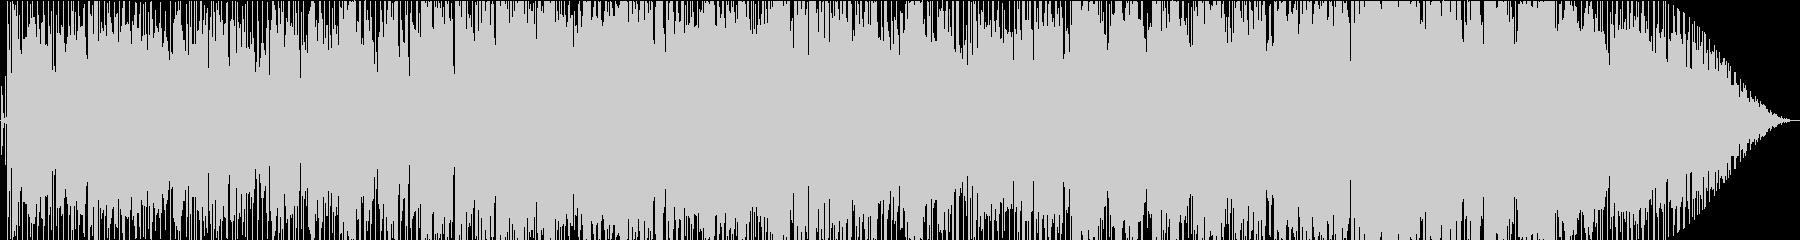 12/8時間でダークロック。エレク...の未再生の波形